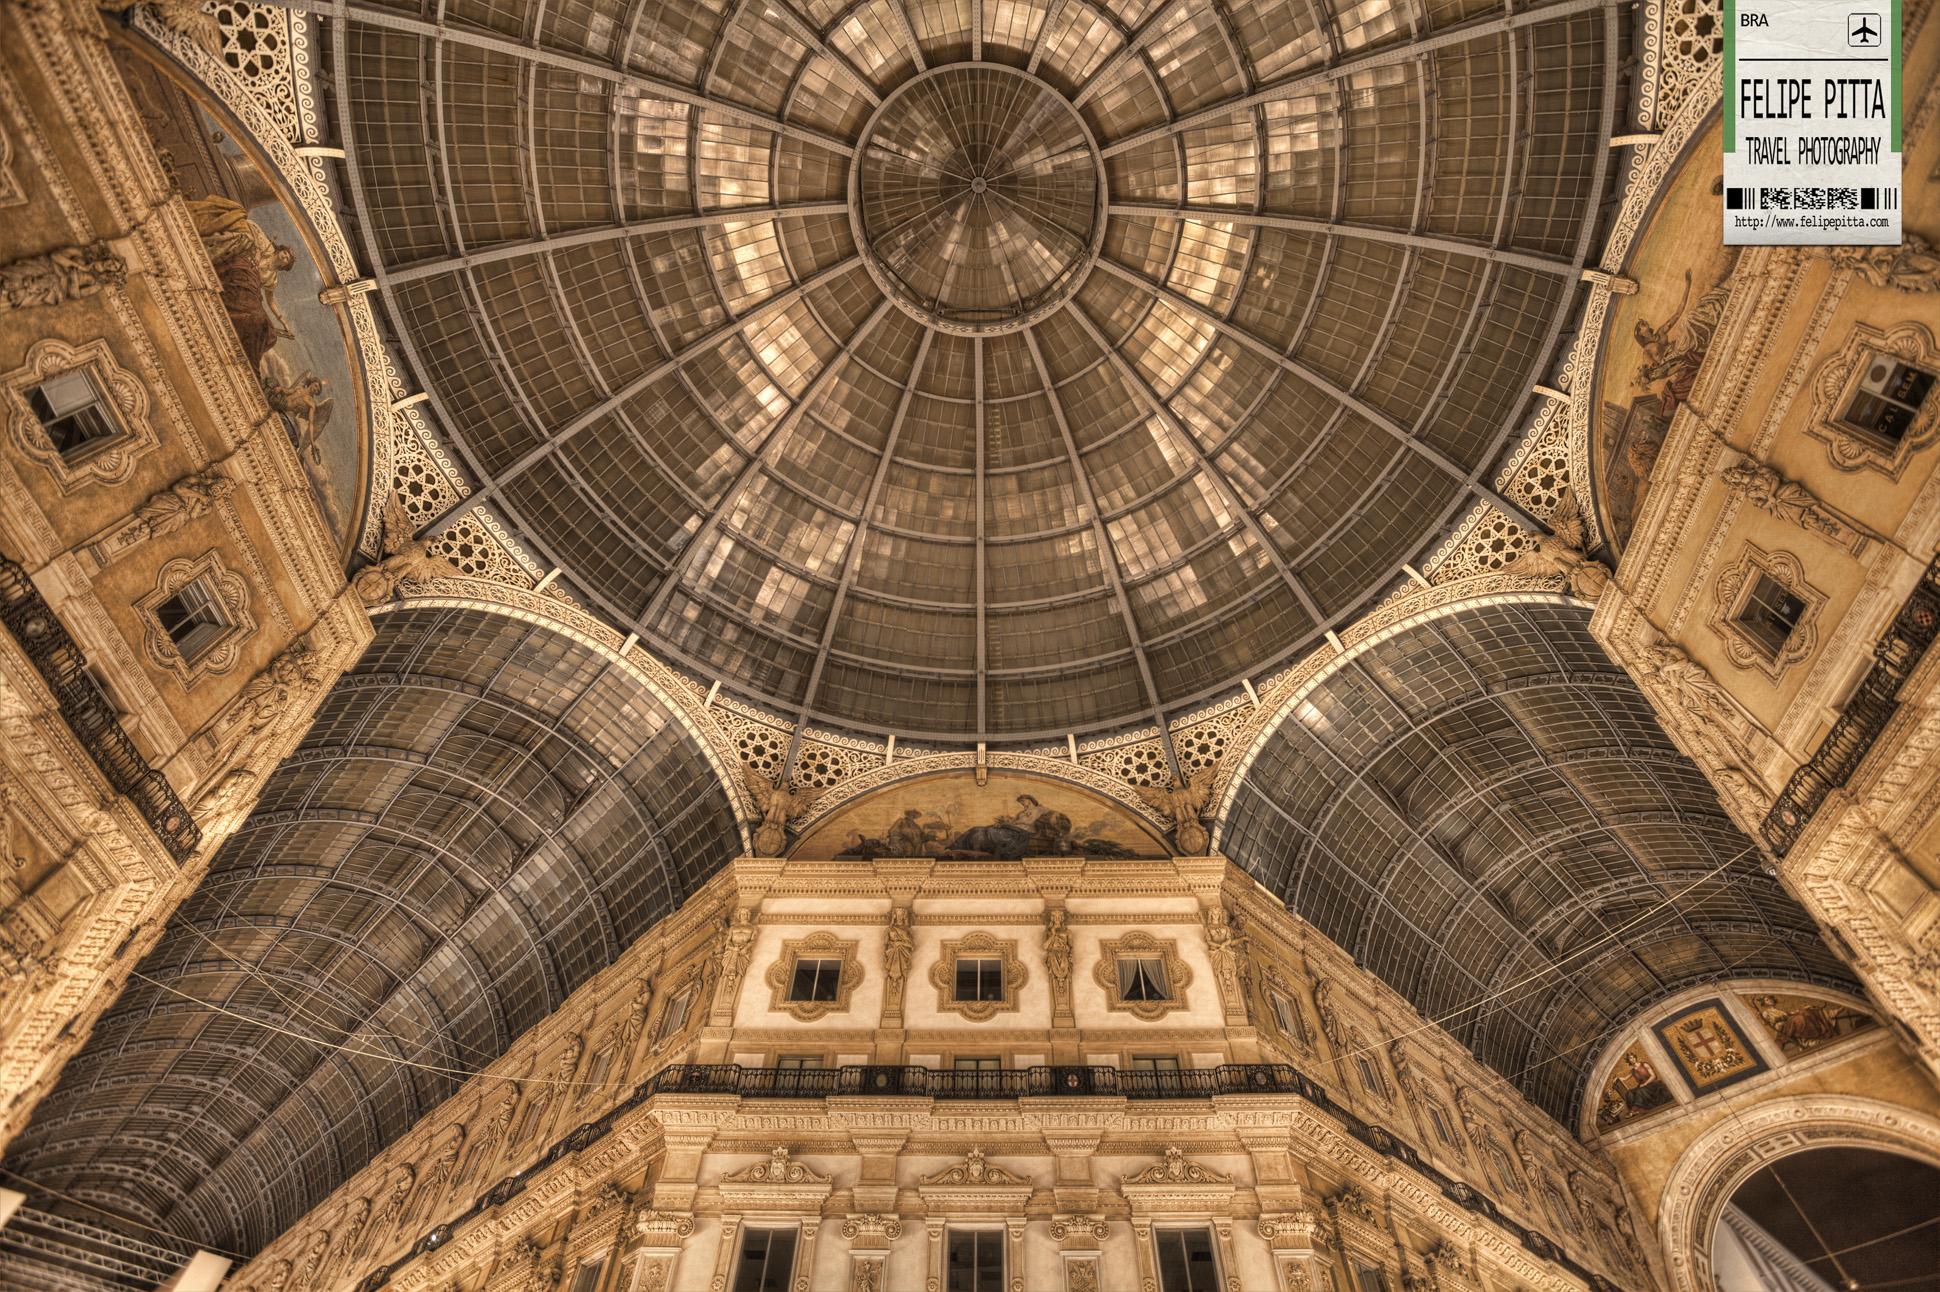 The Glass Dome of Galleria Vittorio Emanuele II